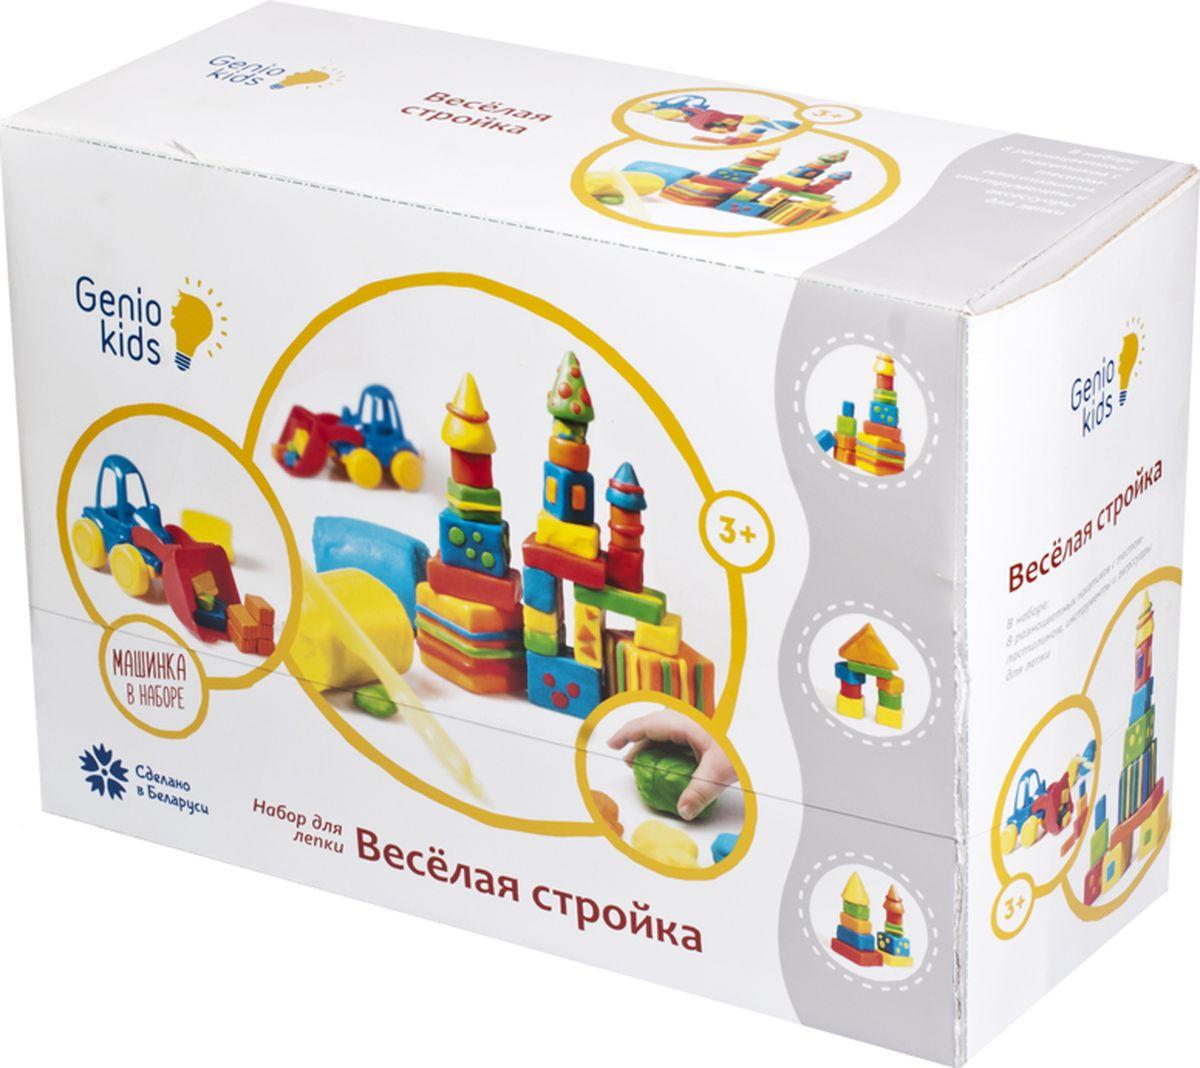 Genio Kids Набор для лепки Веселая стройка 400 г цена и фото